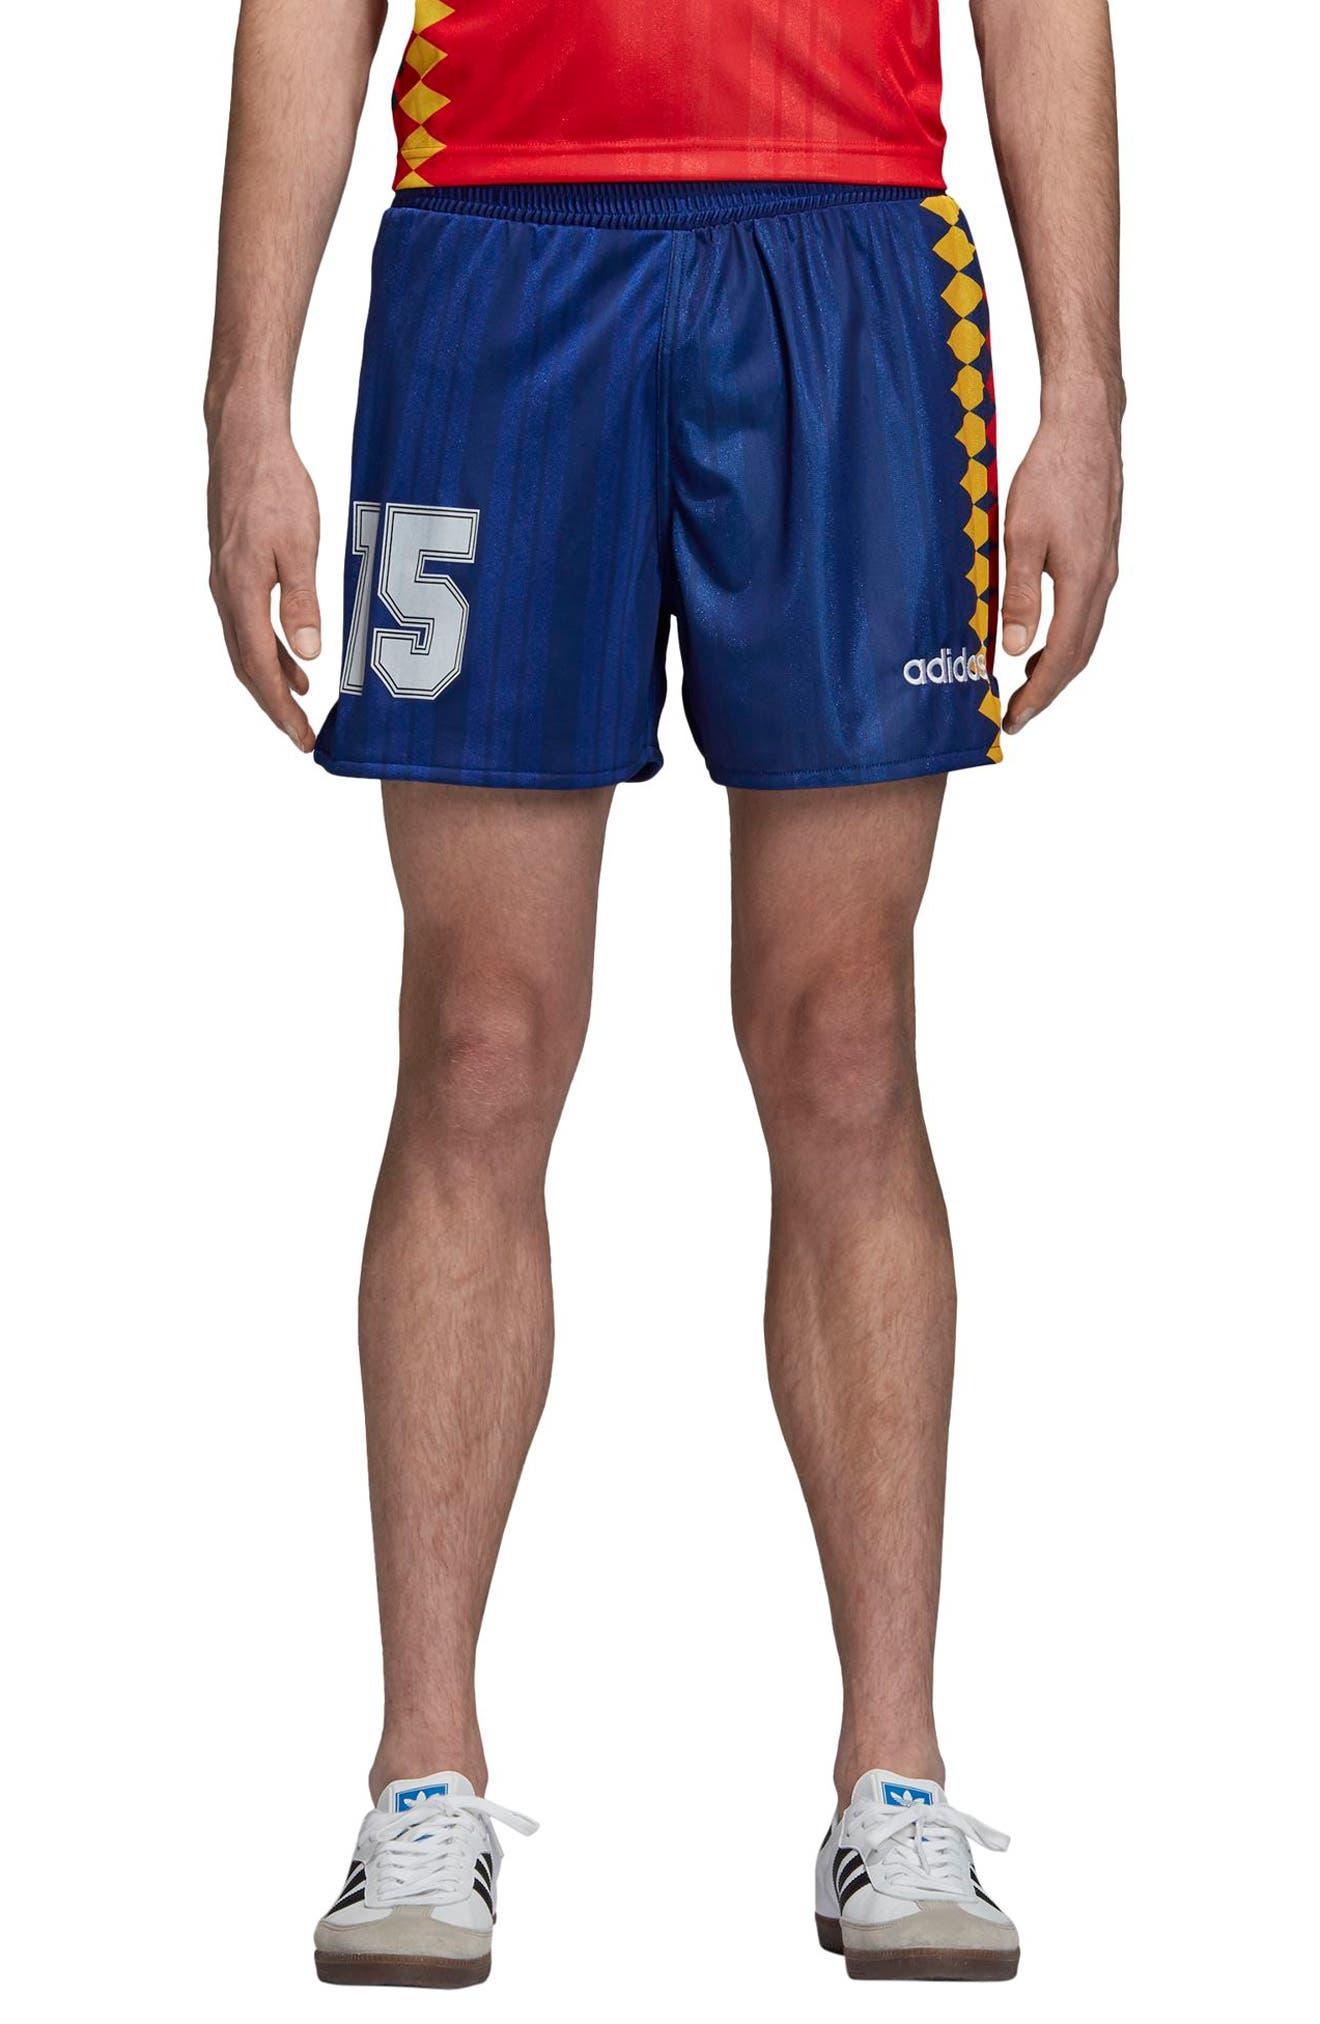 ADIDAS ORIGINALS adidas Original Spain 1994 Shorts, Main, color, 414